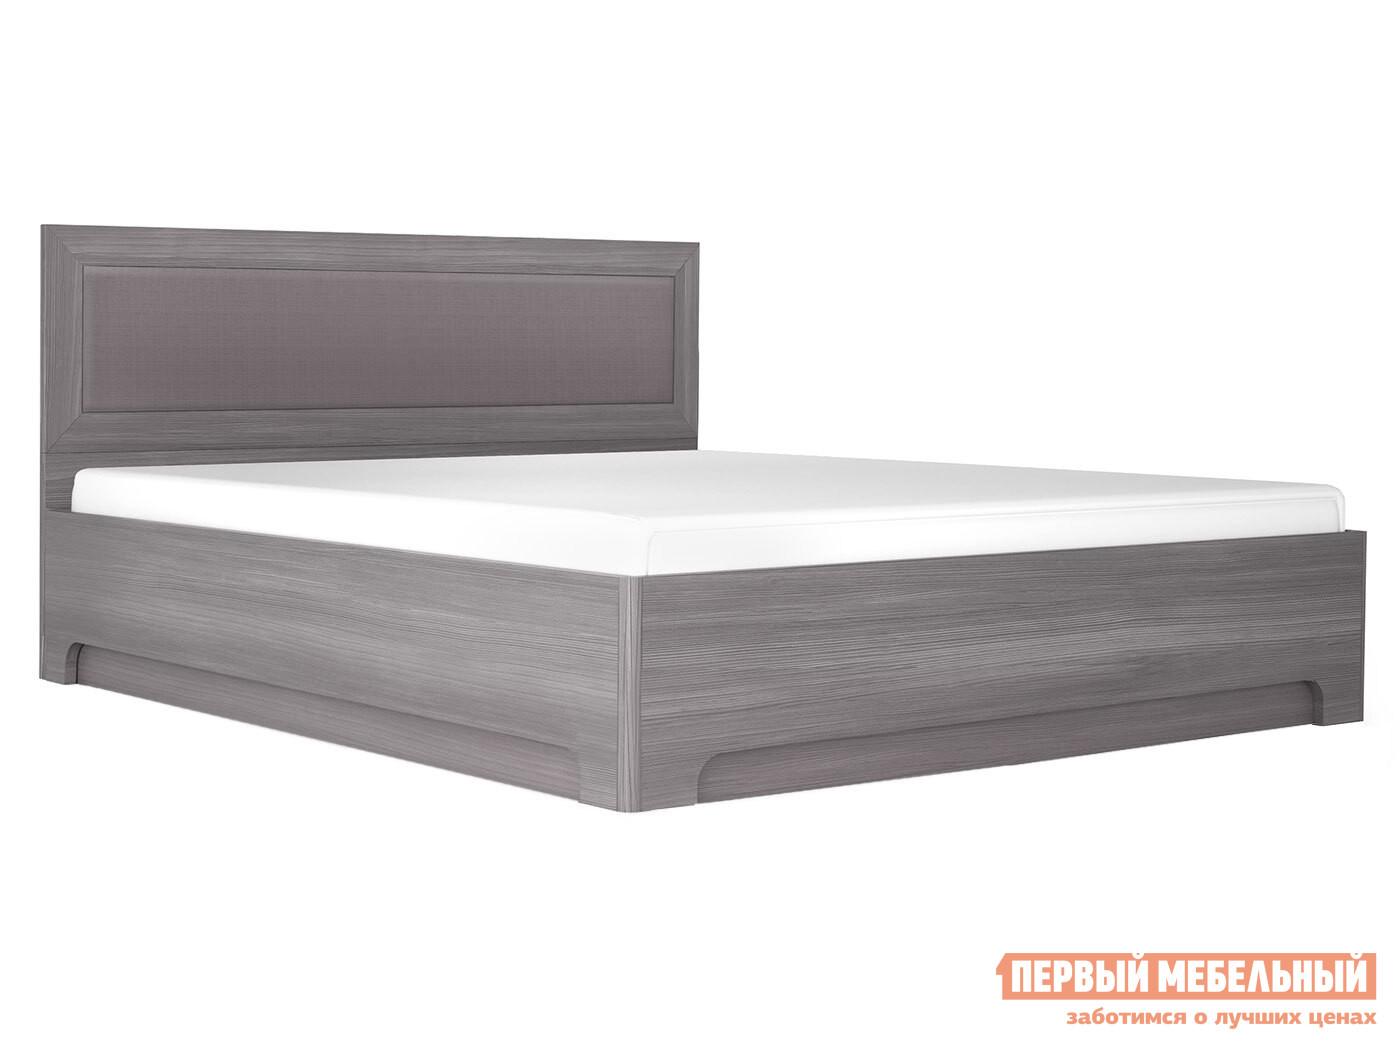 Двуспальная кровать  Кровать-1 с подъемным ортопед. основанием Лиственница темная / Экокожа дила, 1600 Х 2000 мм